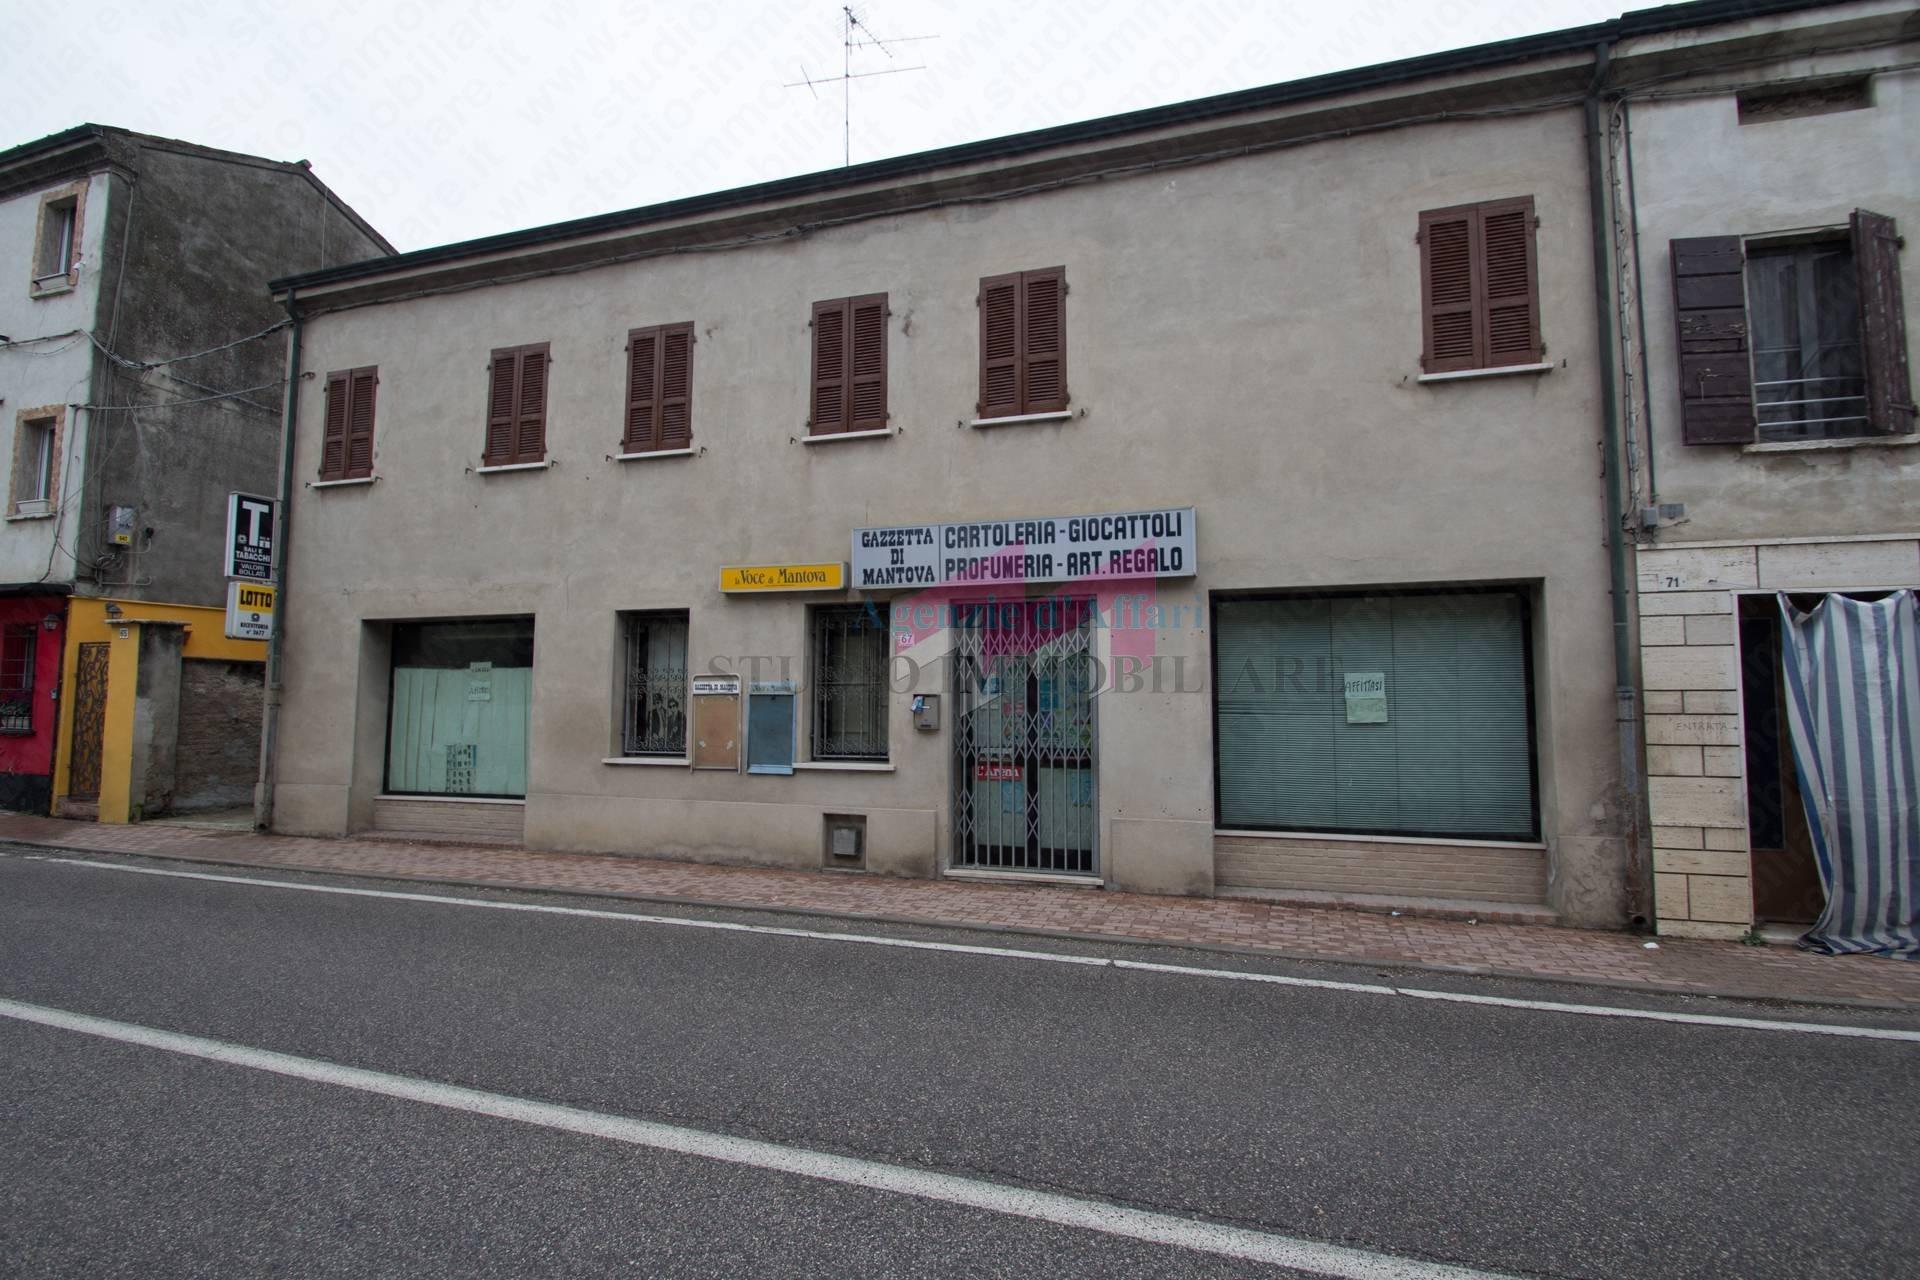 Appartamento in vendita a Ostiglia, 4 locali, zona Località: Correggioli, prezzo € 55.000 | PortaleAgenzieImmobiliari.it